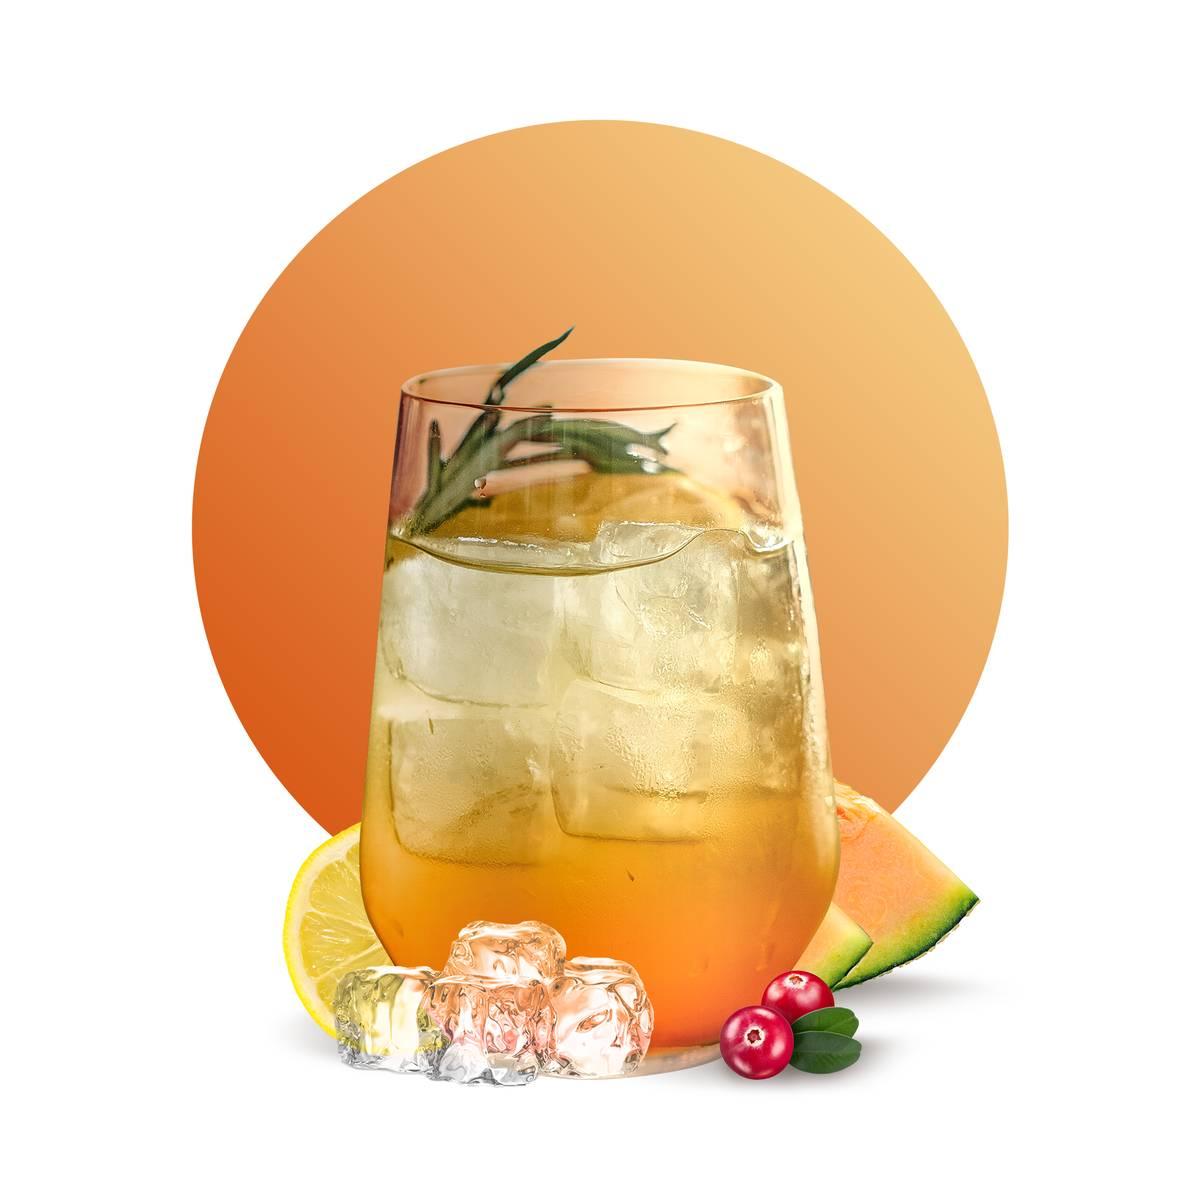 Melonade drink recipe